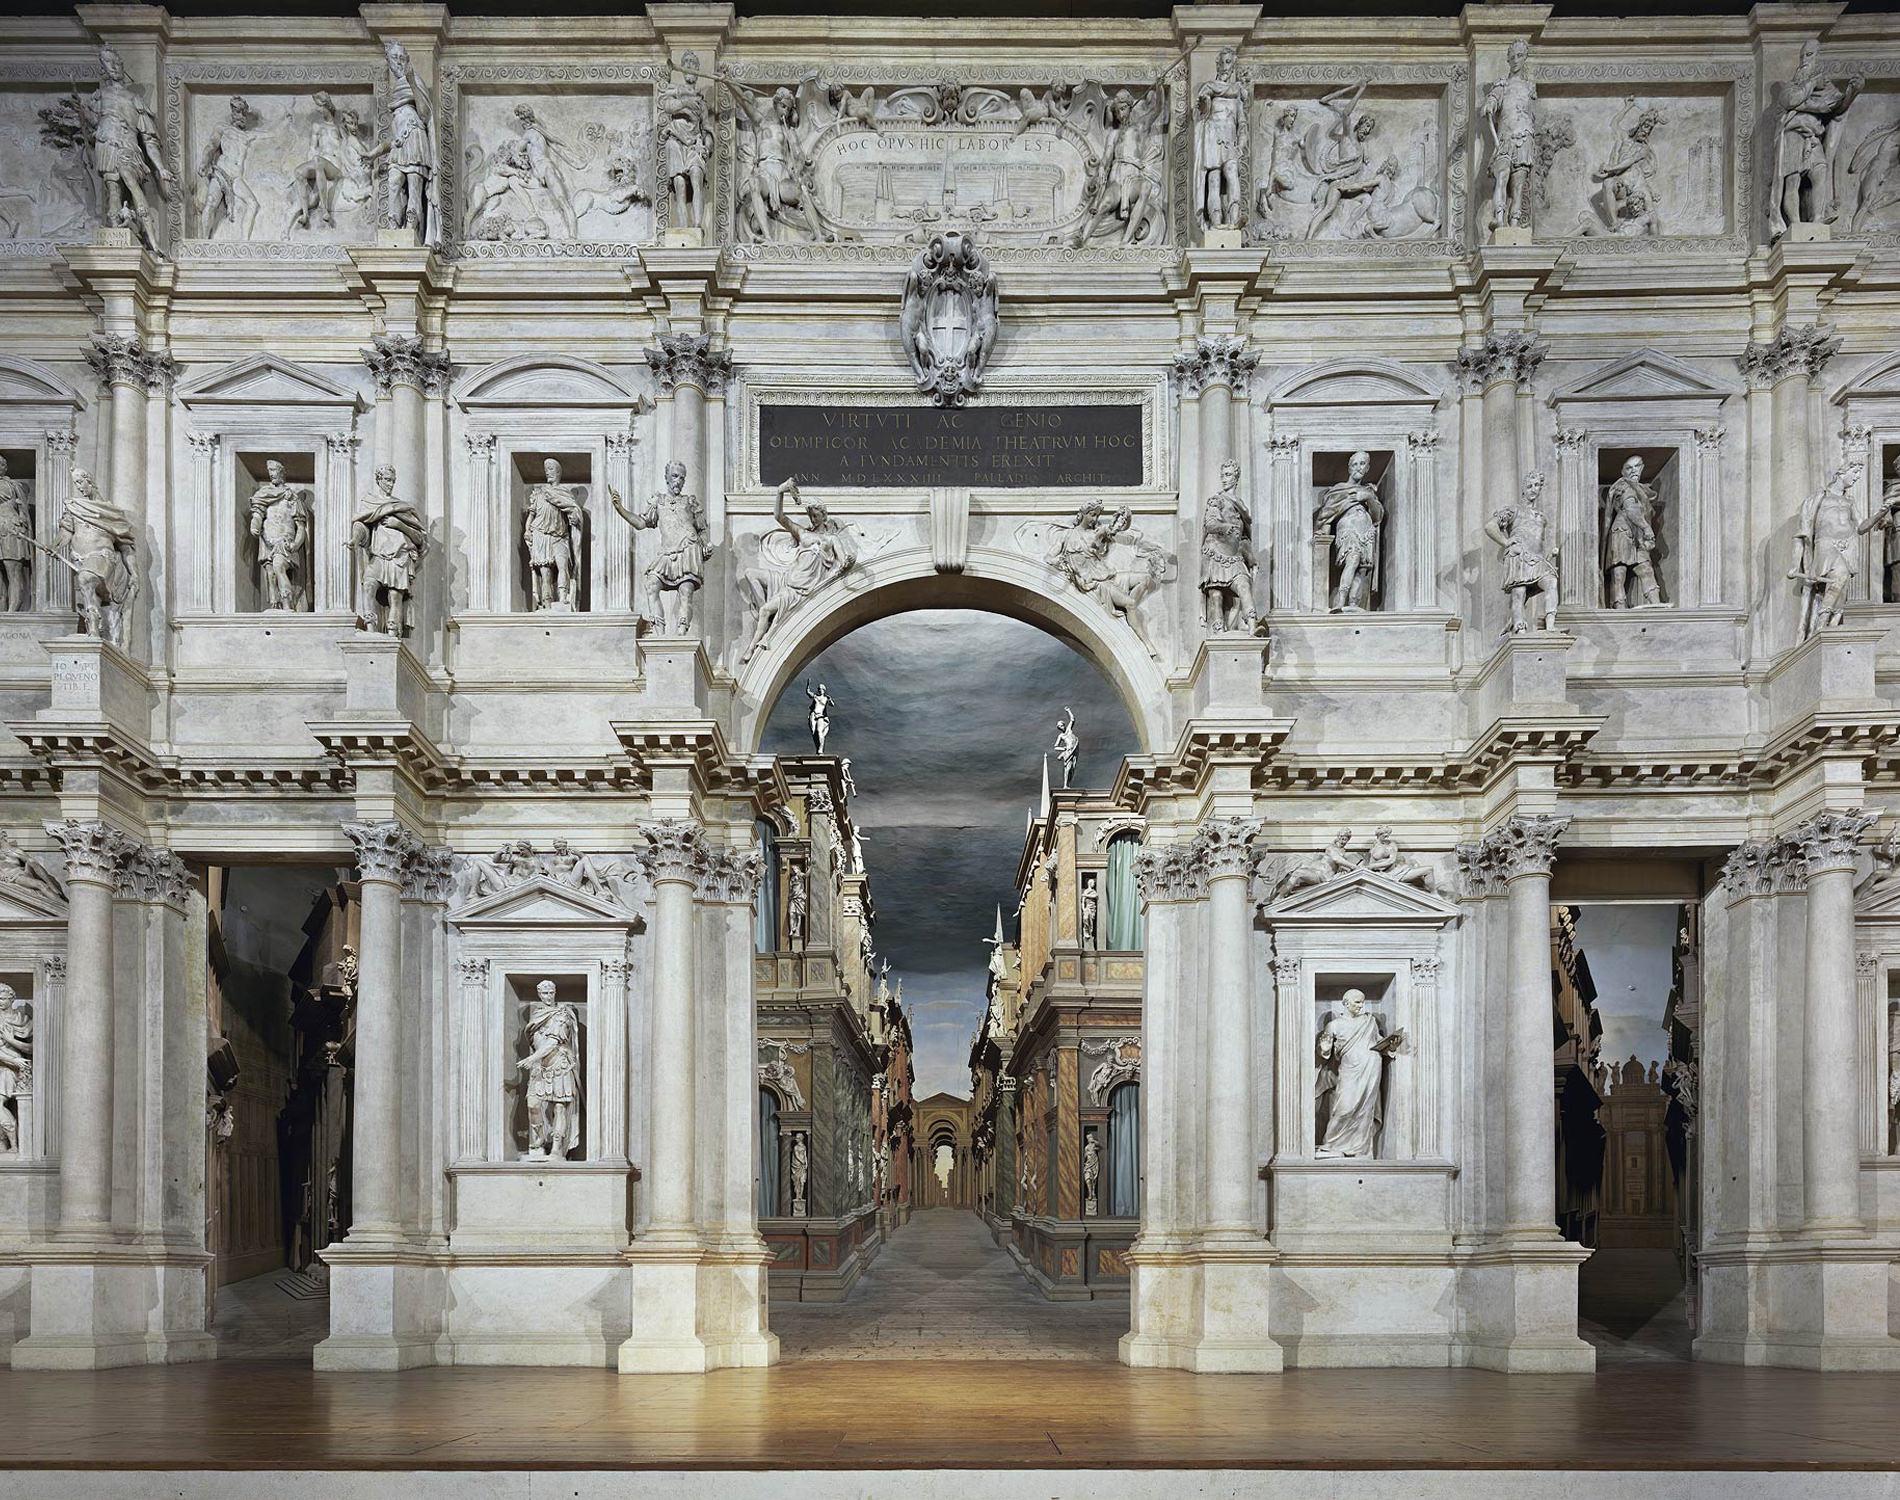 Opera Teatro Olimpico Venise Italie 2010